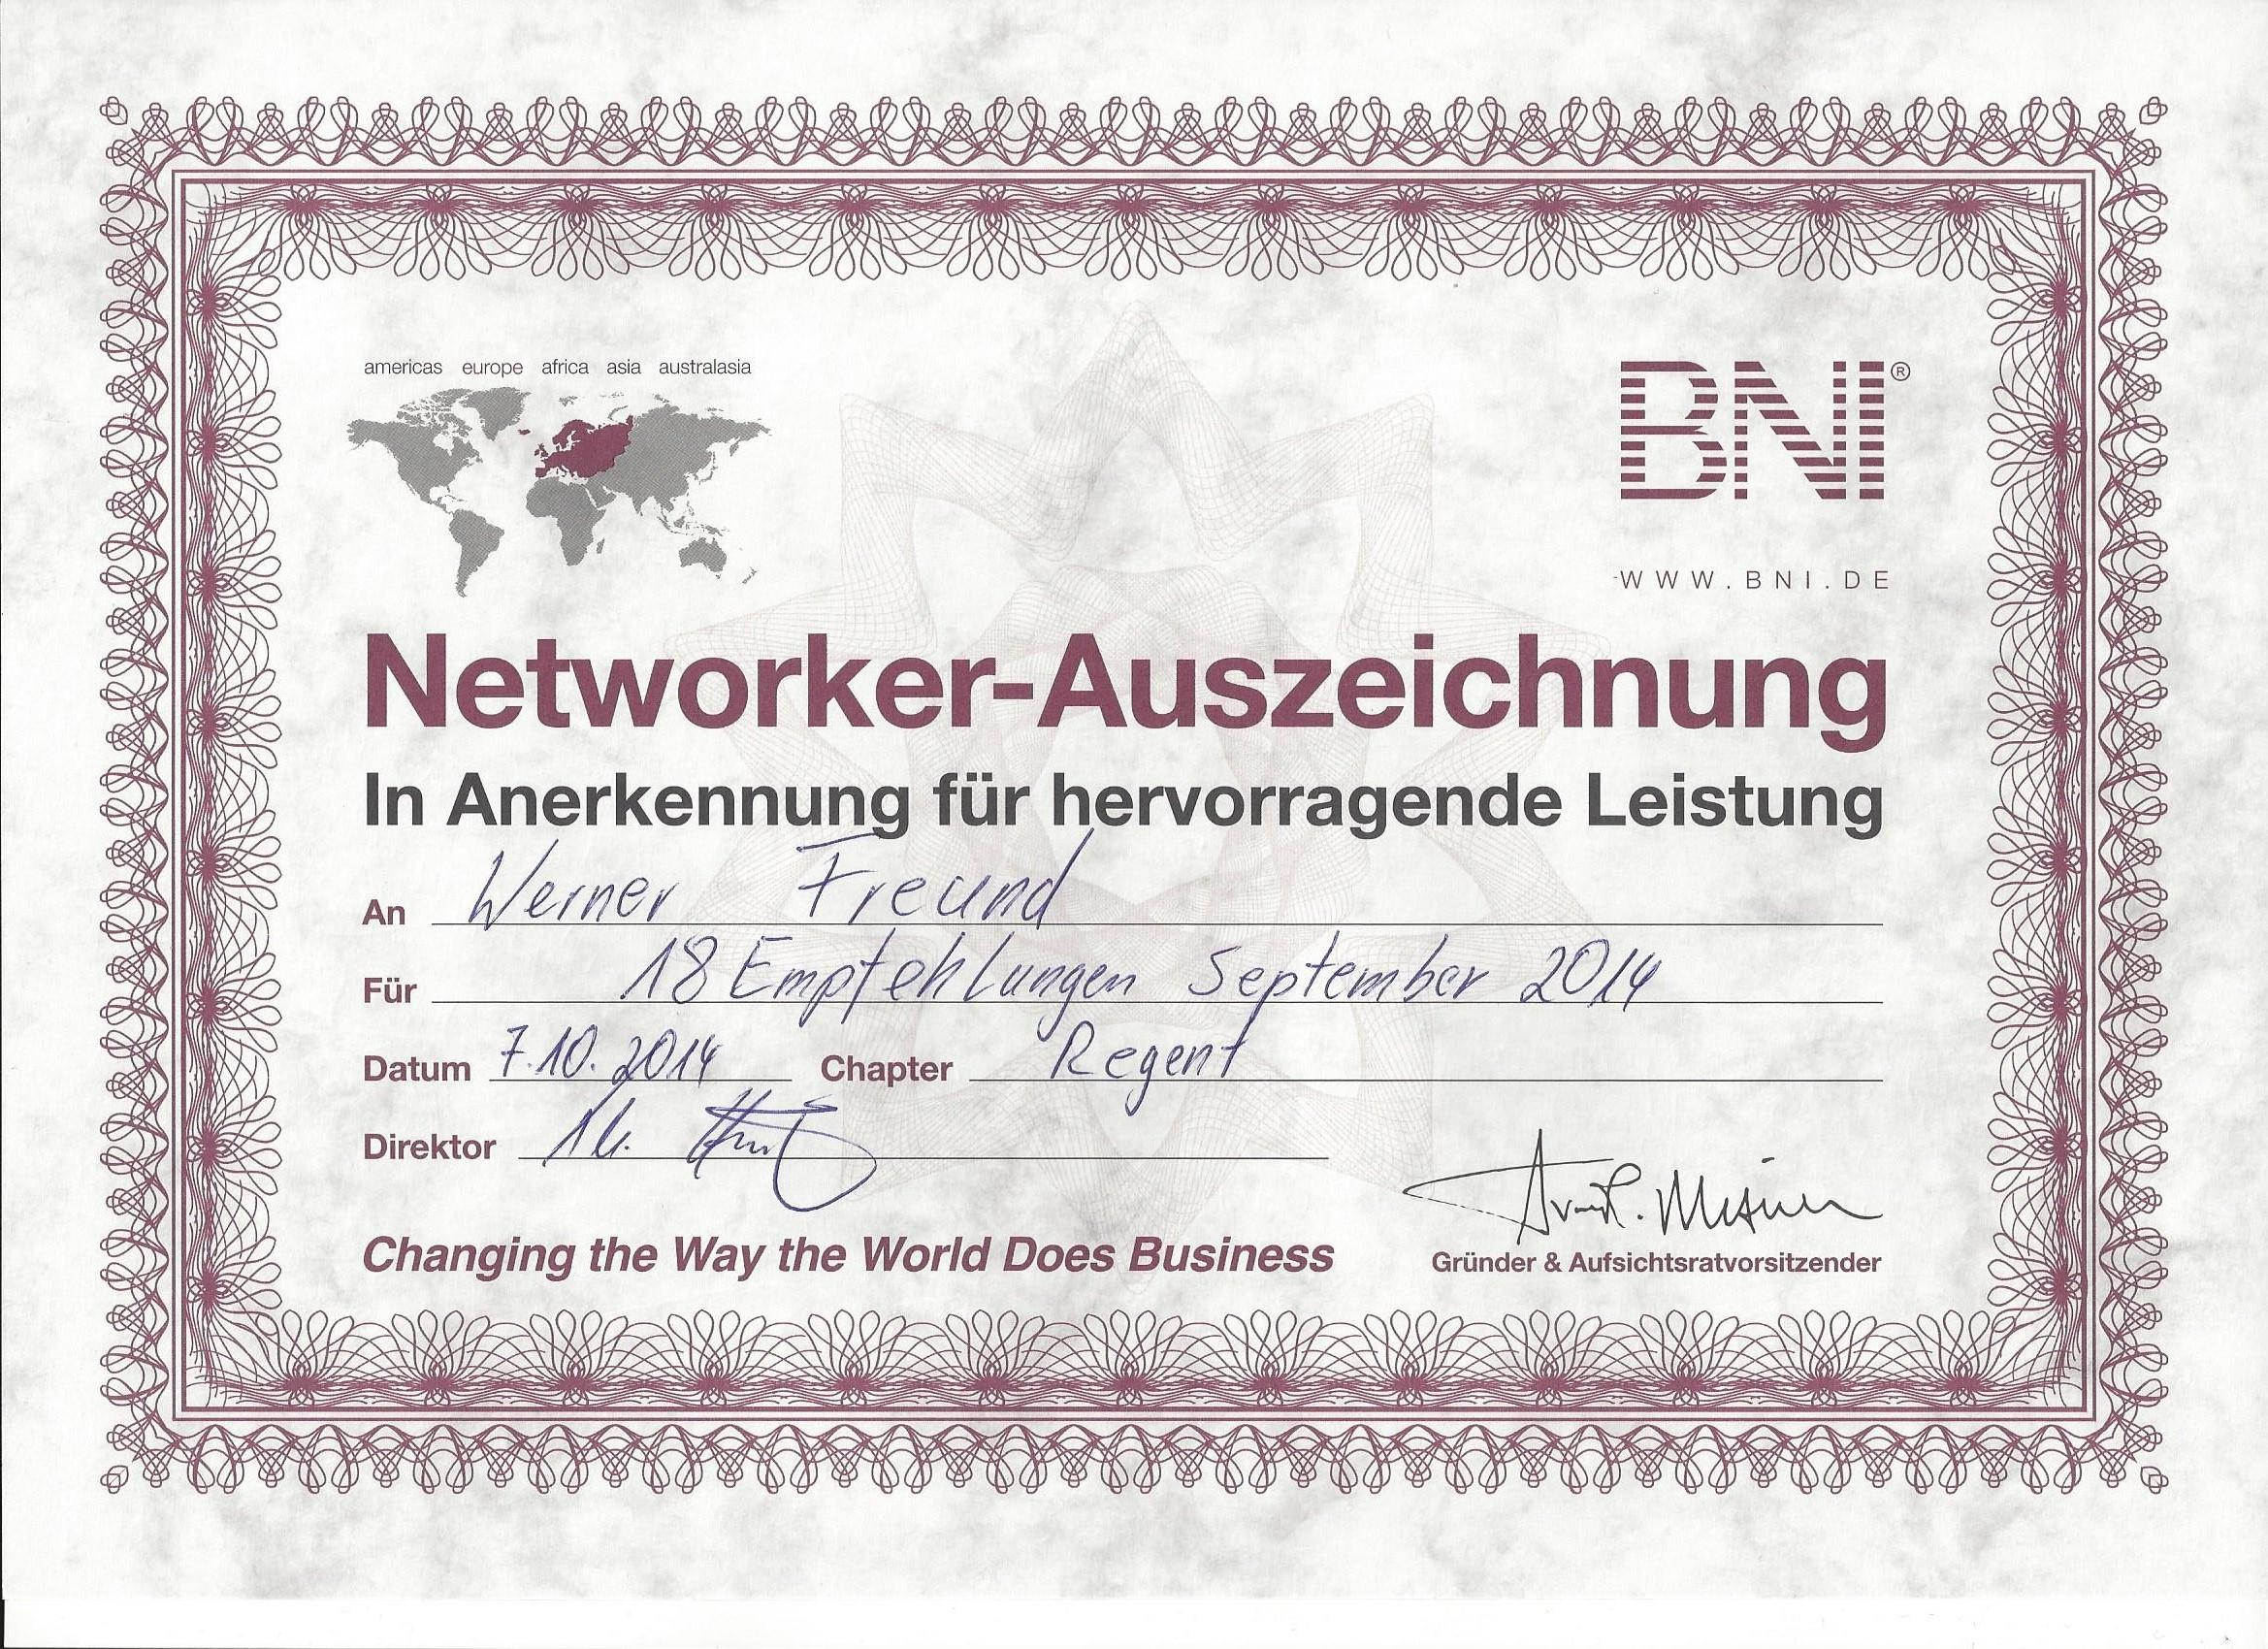 BNI_Networker_Auszeichnung_3